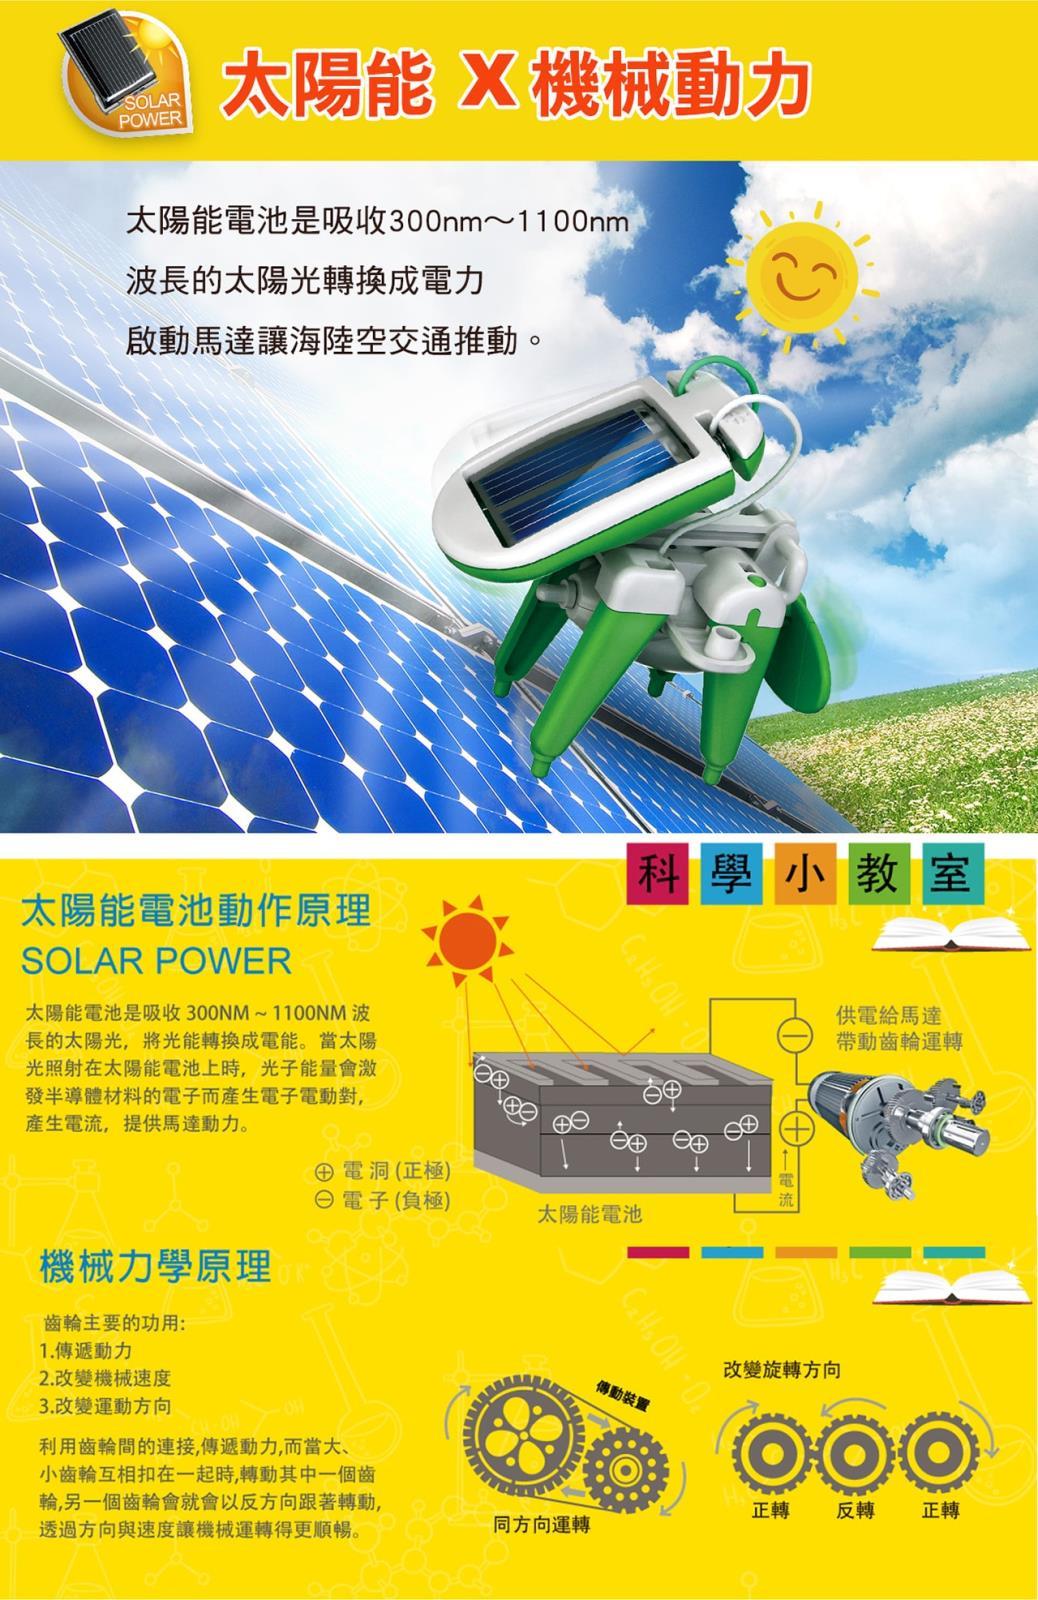 太陽能教育組